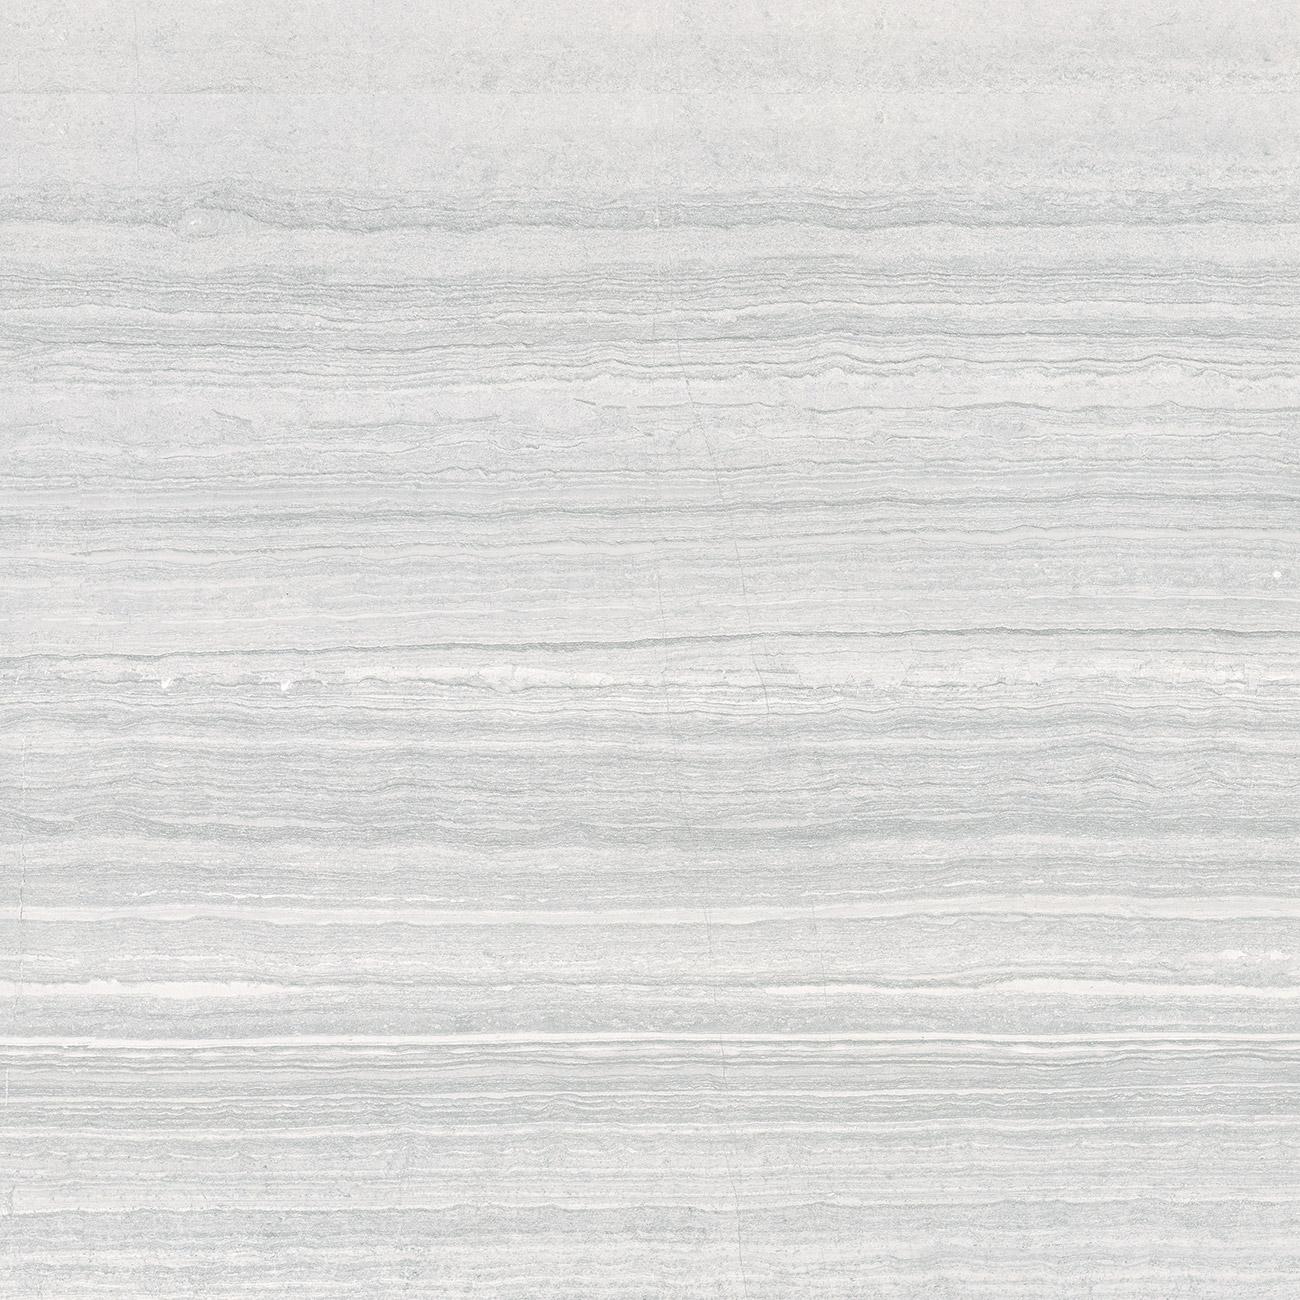 莱茵木紋-灰 HYEG90006,900X900mm HYEG26006,600X1200mm